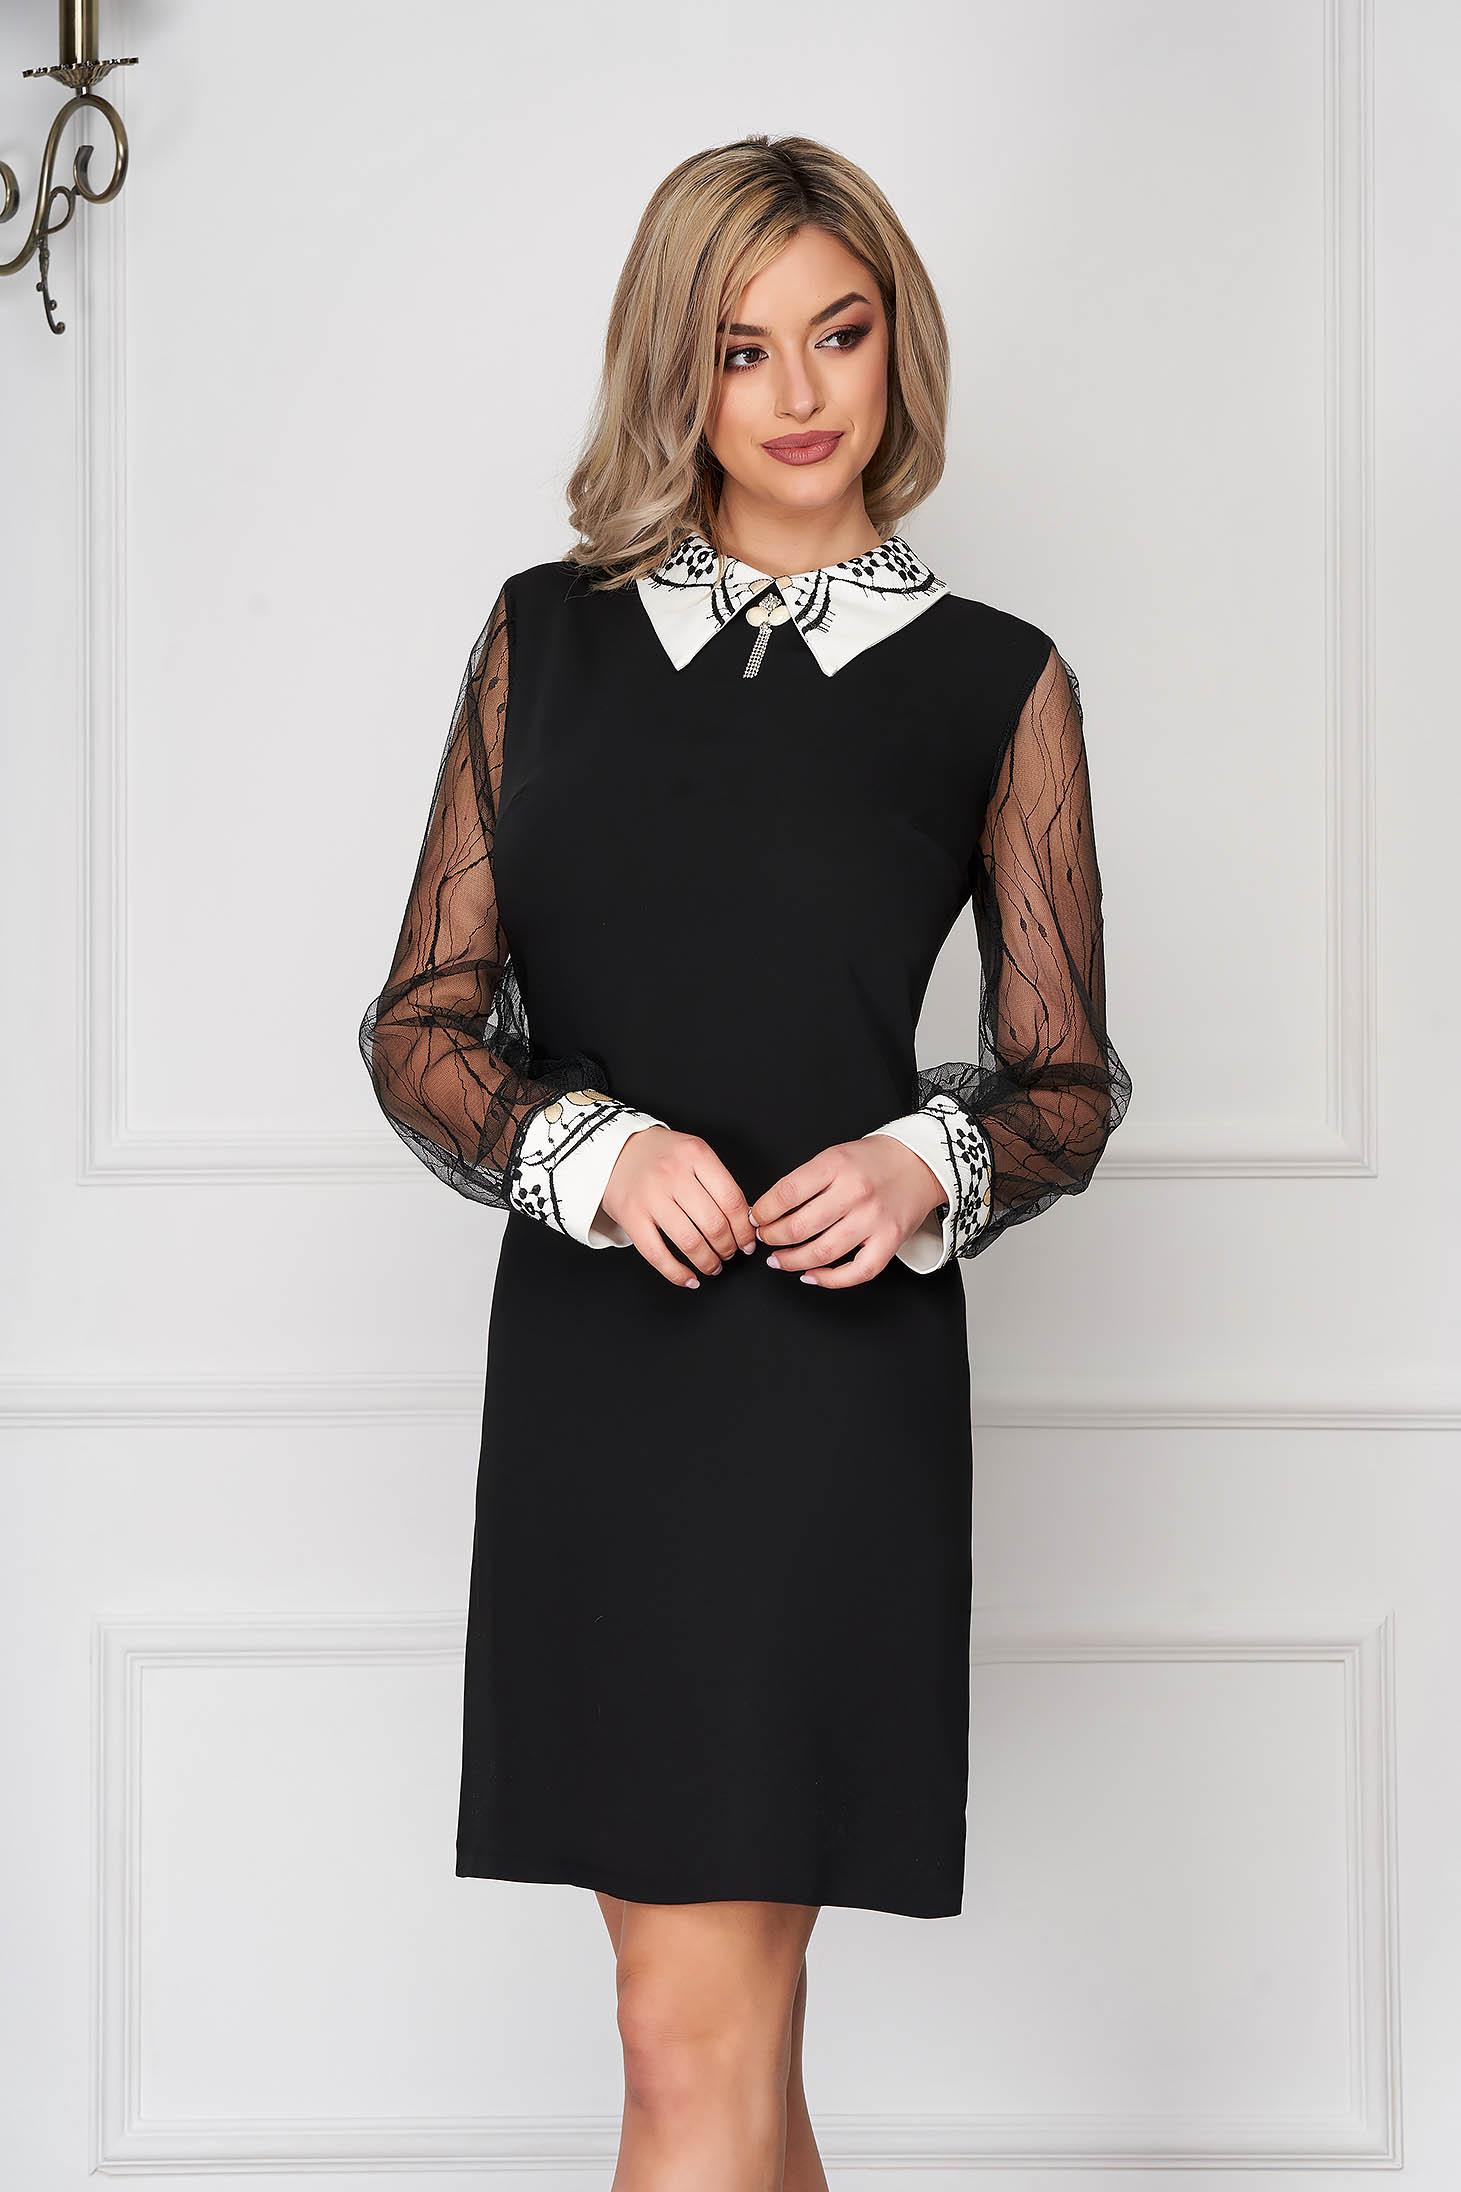 Rochie neagra eleganta scurta tip creion cu guler si maneci din voal